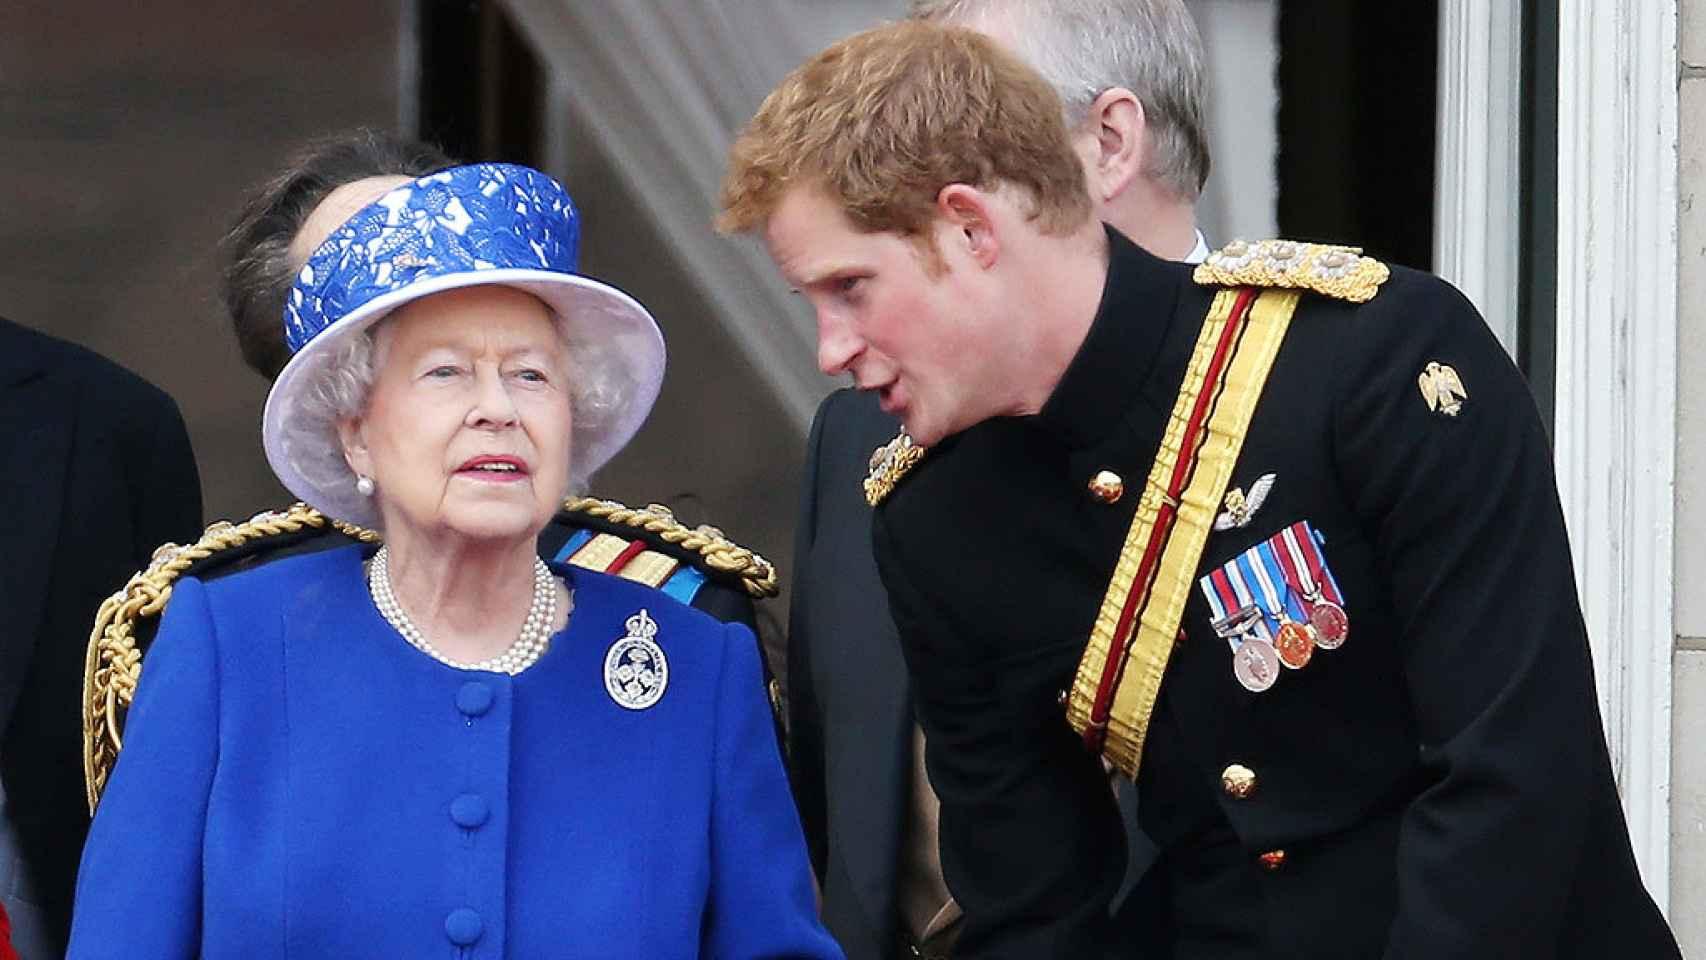 La reina Isabel con ese gesto stiff upper lip, y su nieto Harry